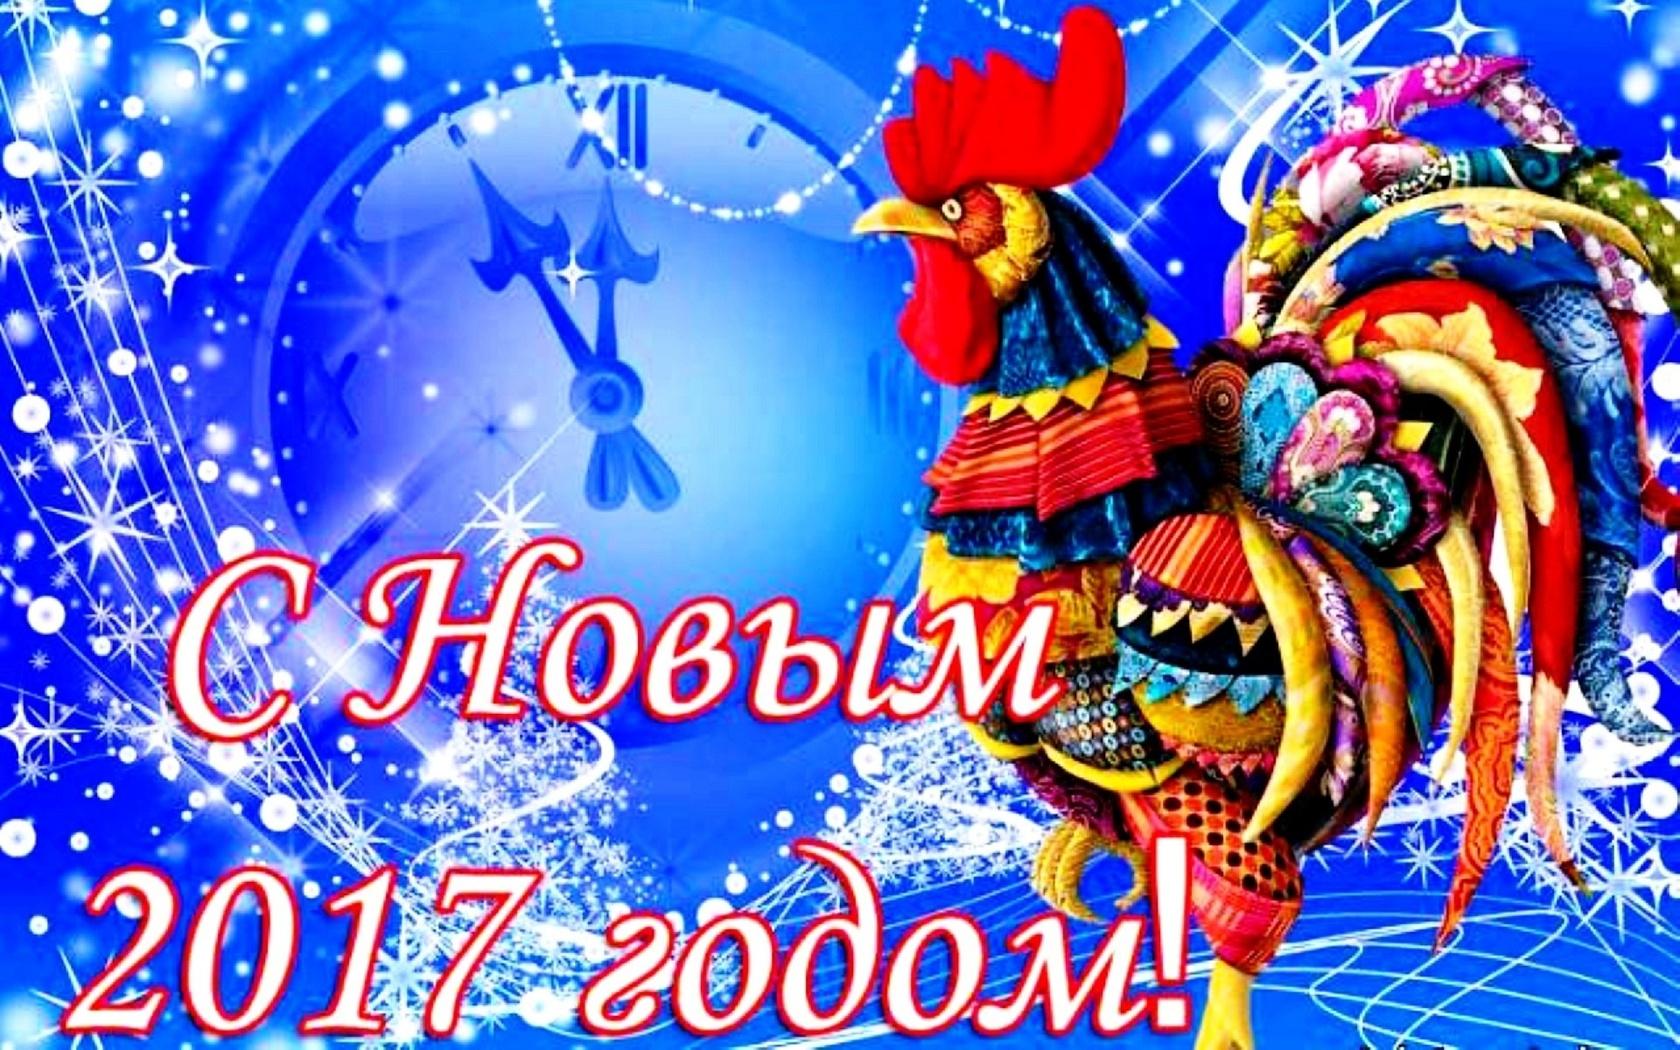 Приколы надписями, открытки с поздравлением новым годом 2017